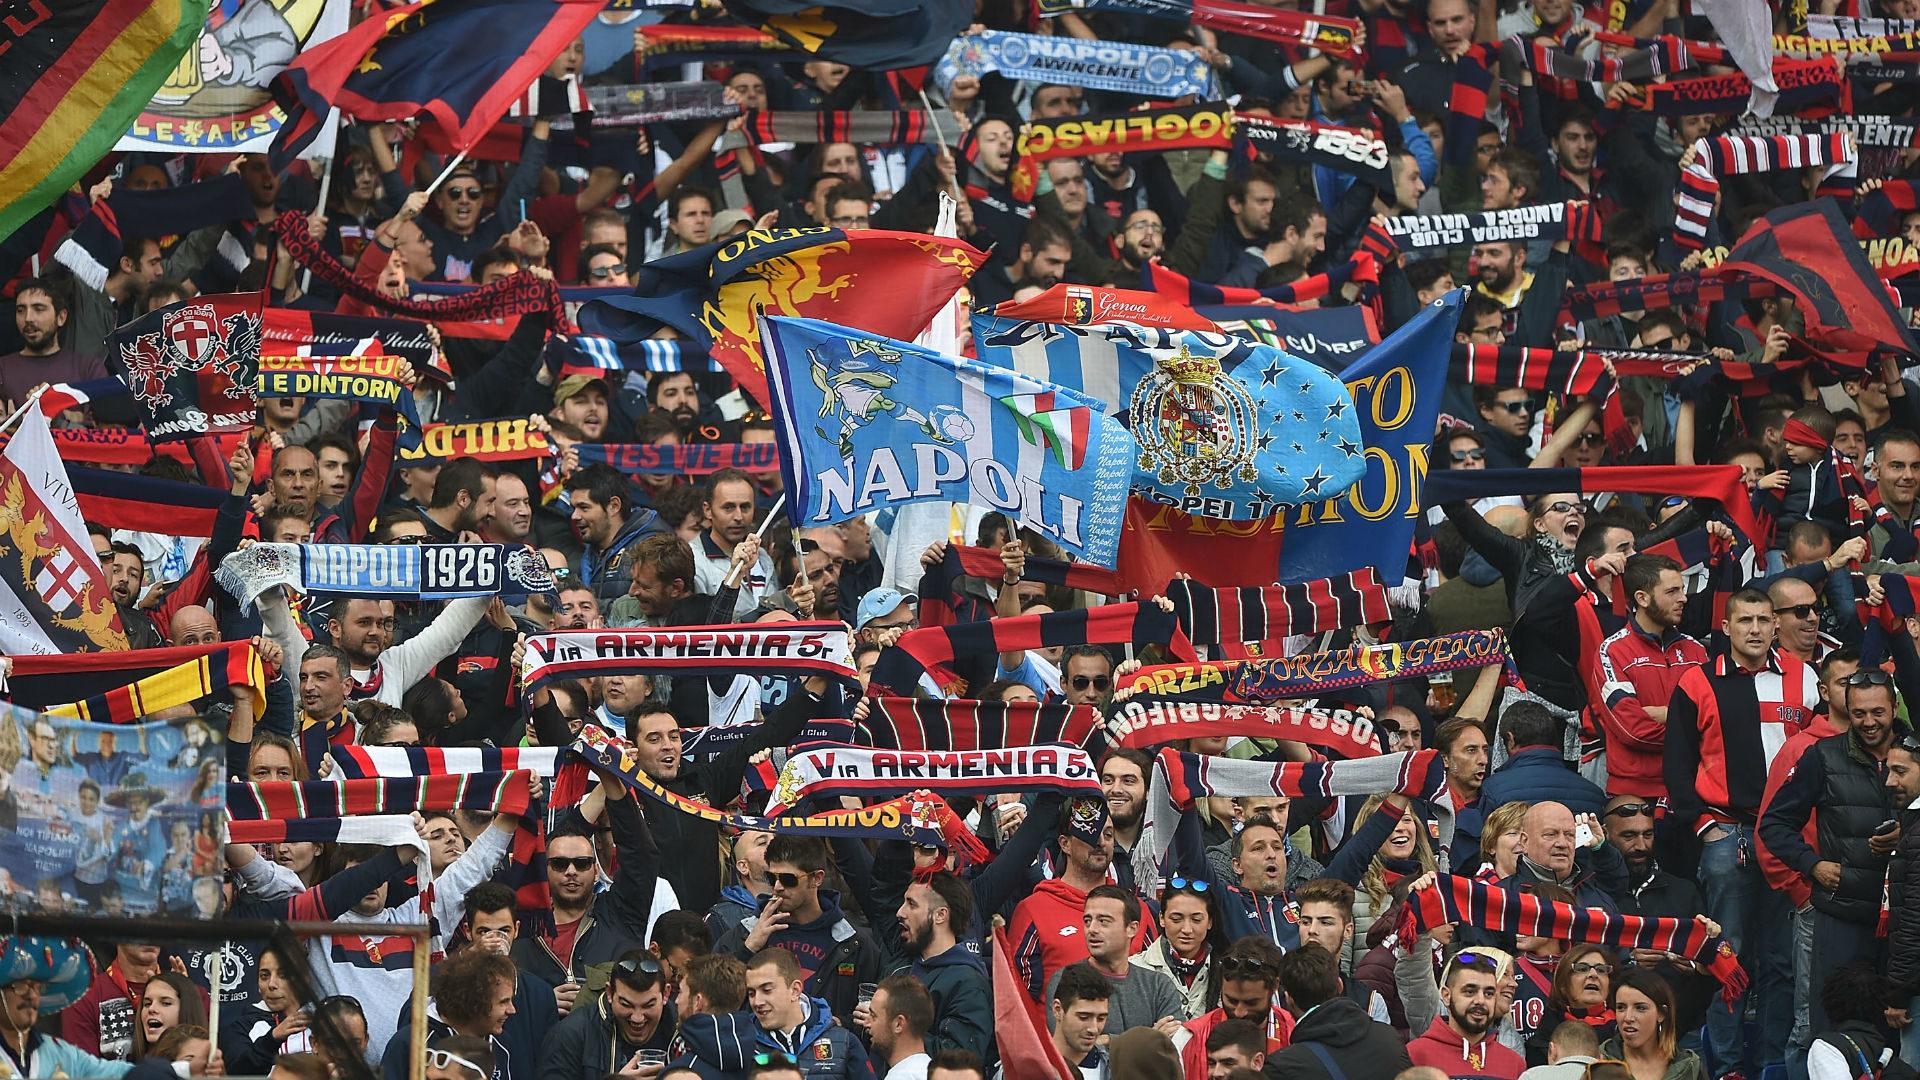 La fine di un'epoca, dopo 37 anni si rompe il gemellaggio Napoli-Genoa